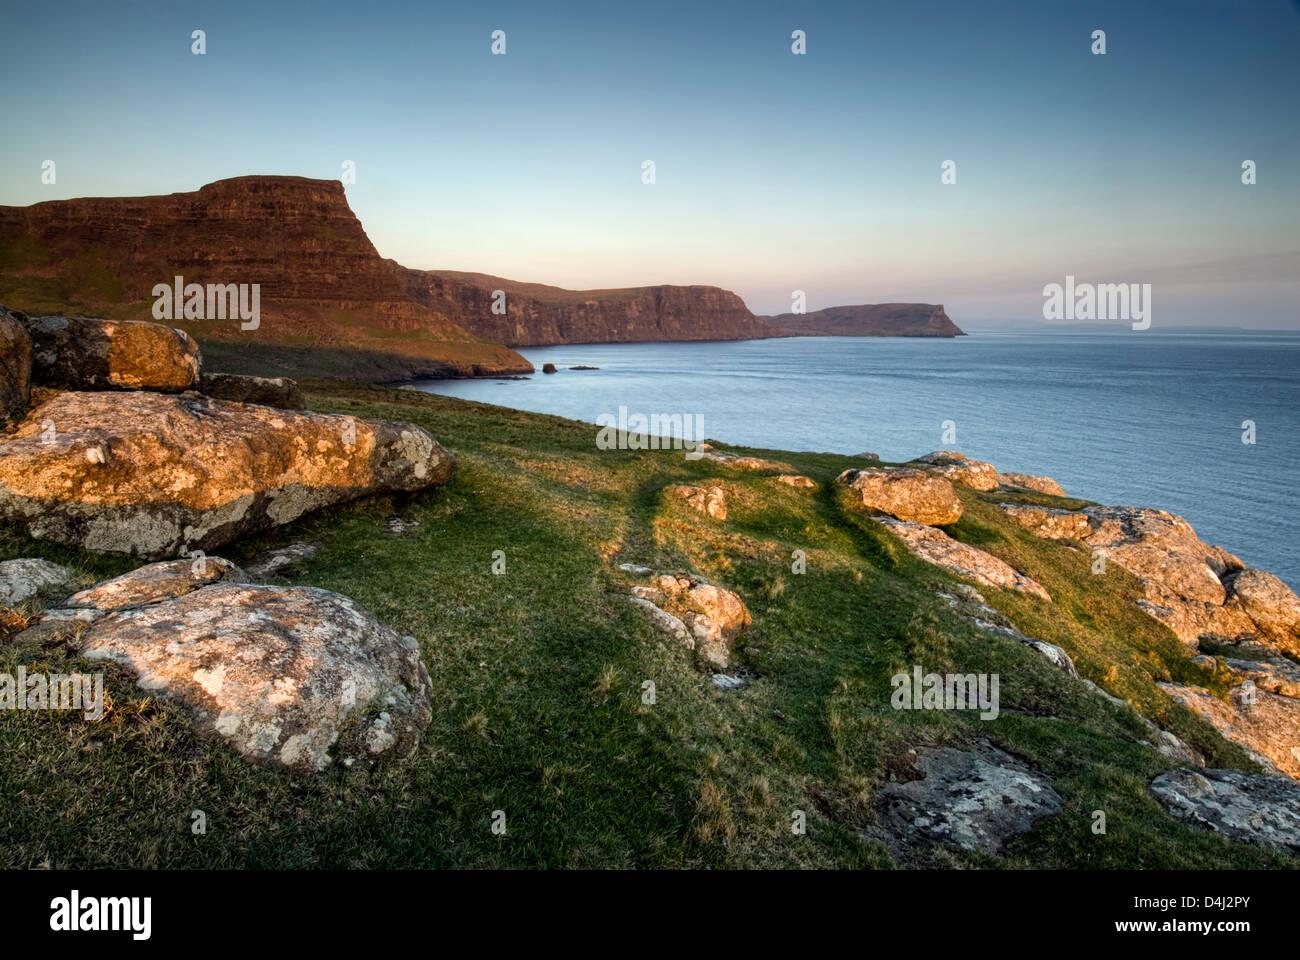 Atardecer en Waterstein head, Neist Point, Isla de Skye, Escocia Foto de stock